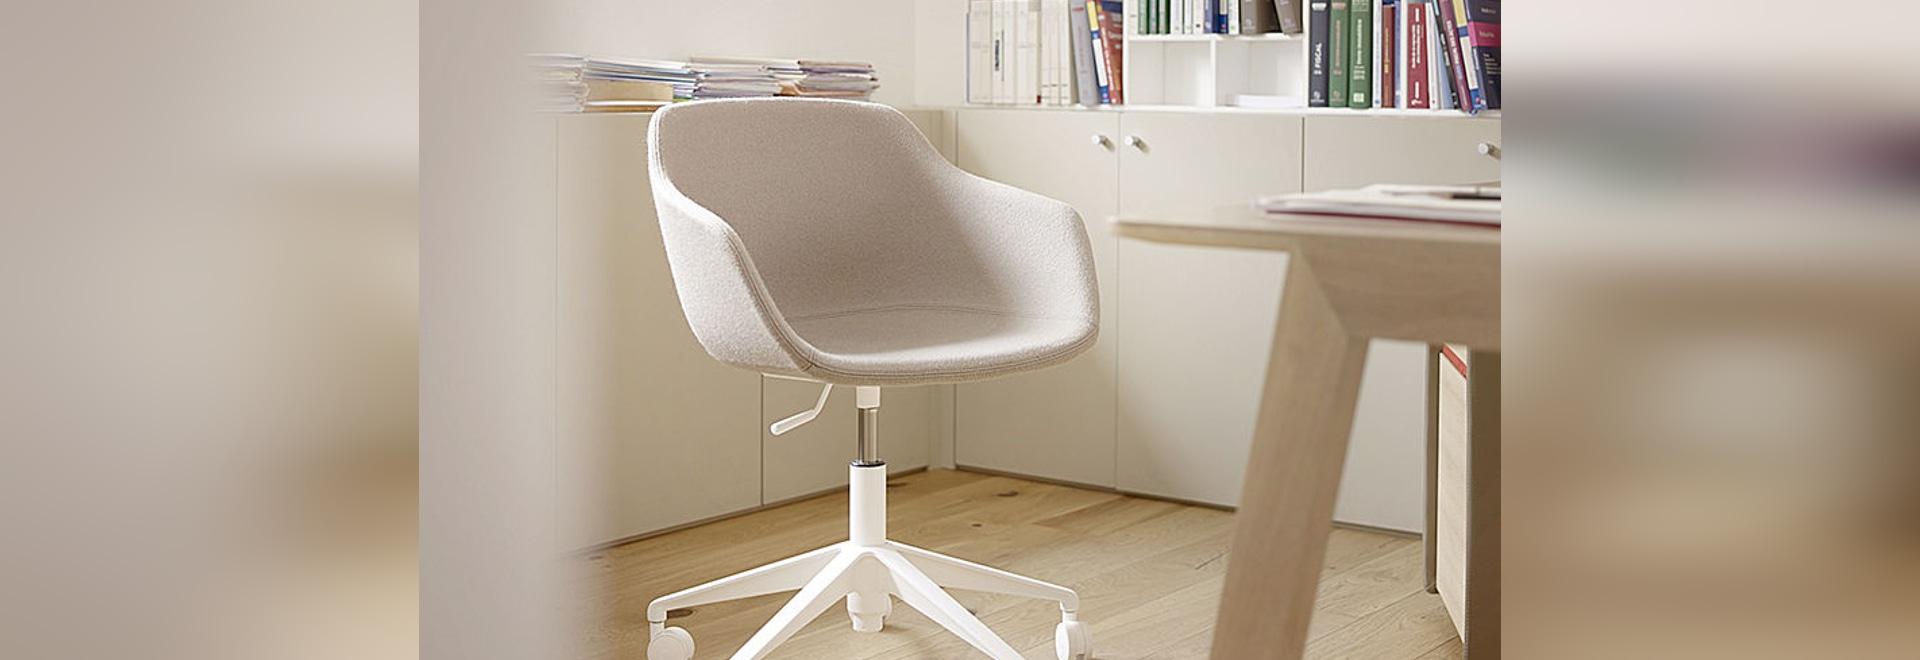 New: Kuskoa Bi Desk Chair